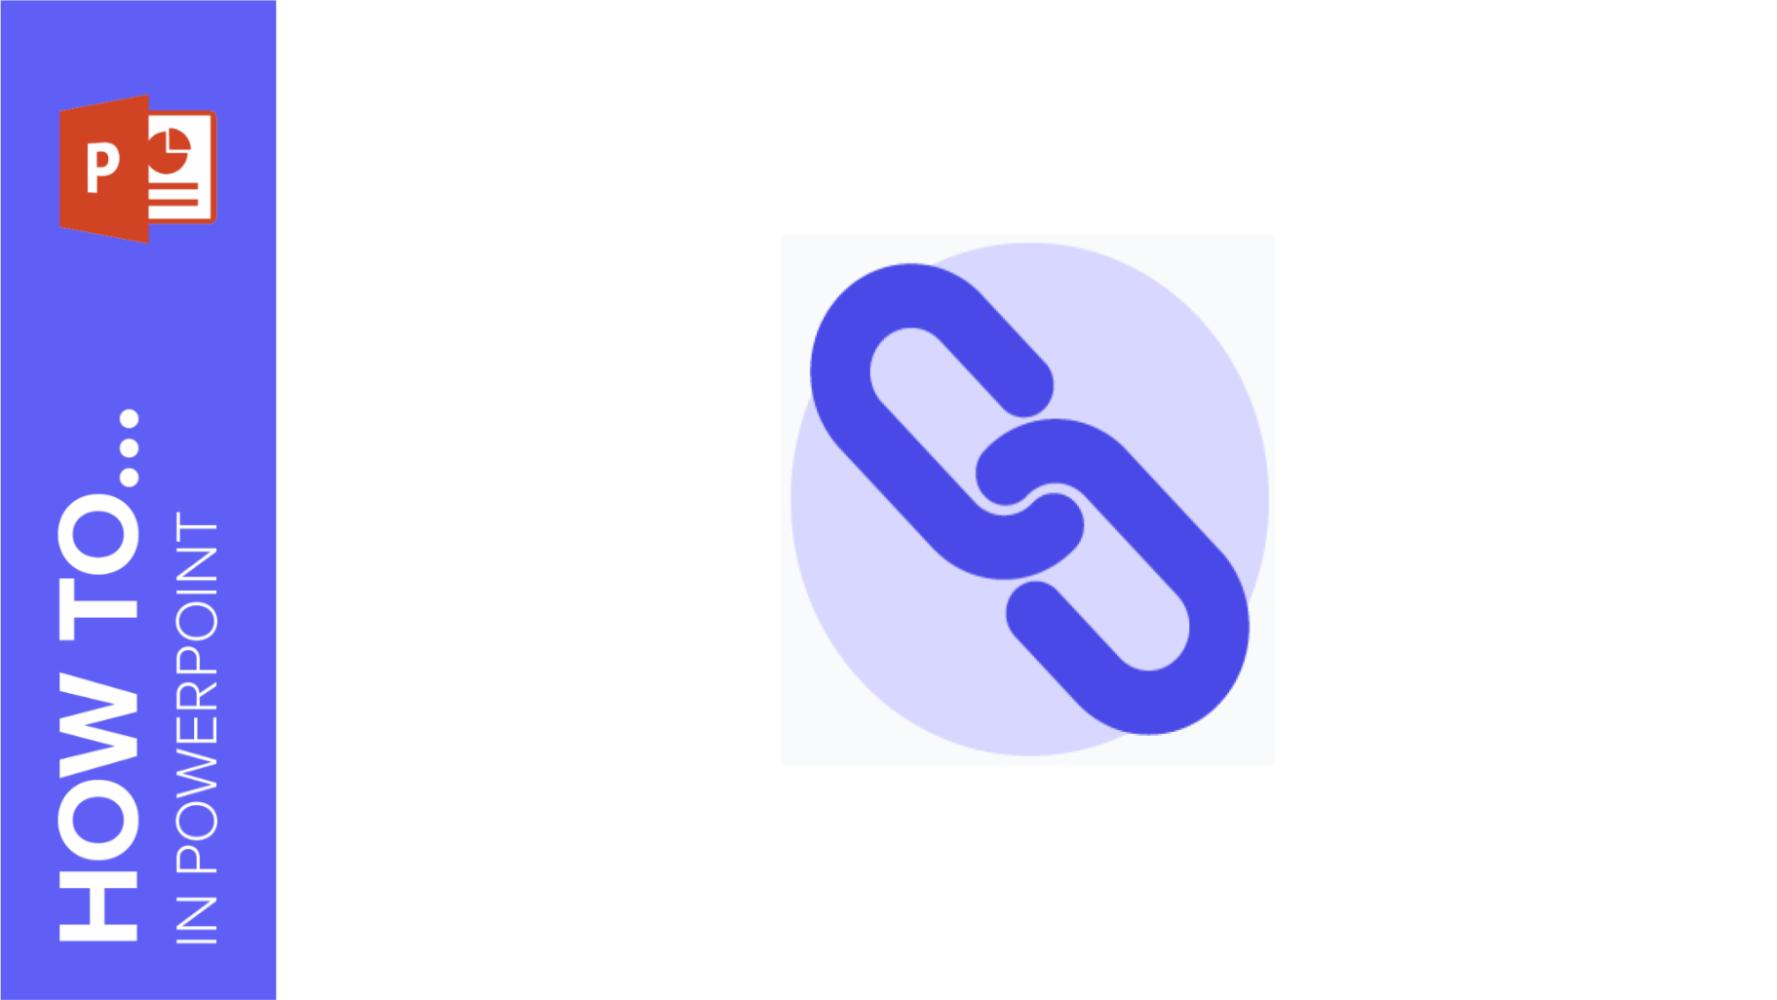 How to Insert a Hyperlink in PowerPoint | Schnelle Tipps & Tutorials für deine Präsentationen